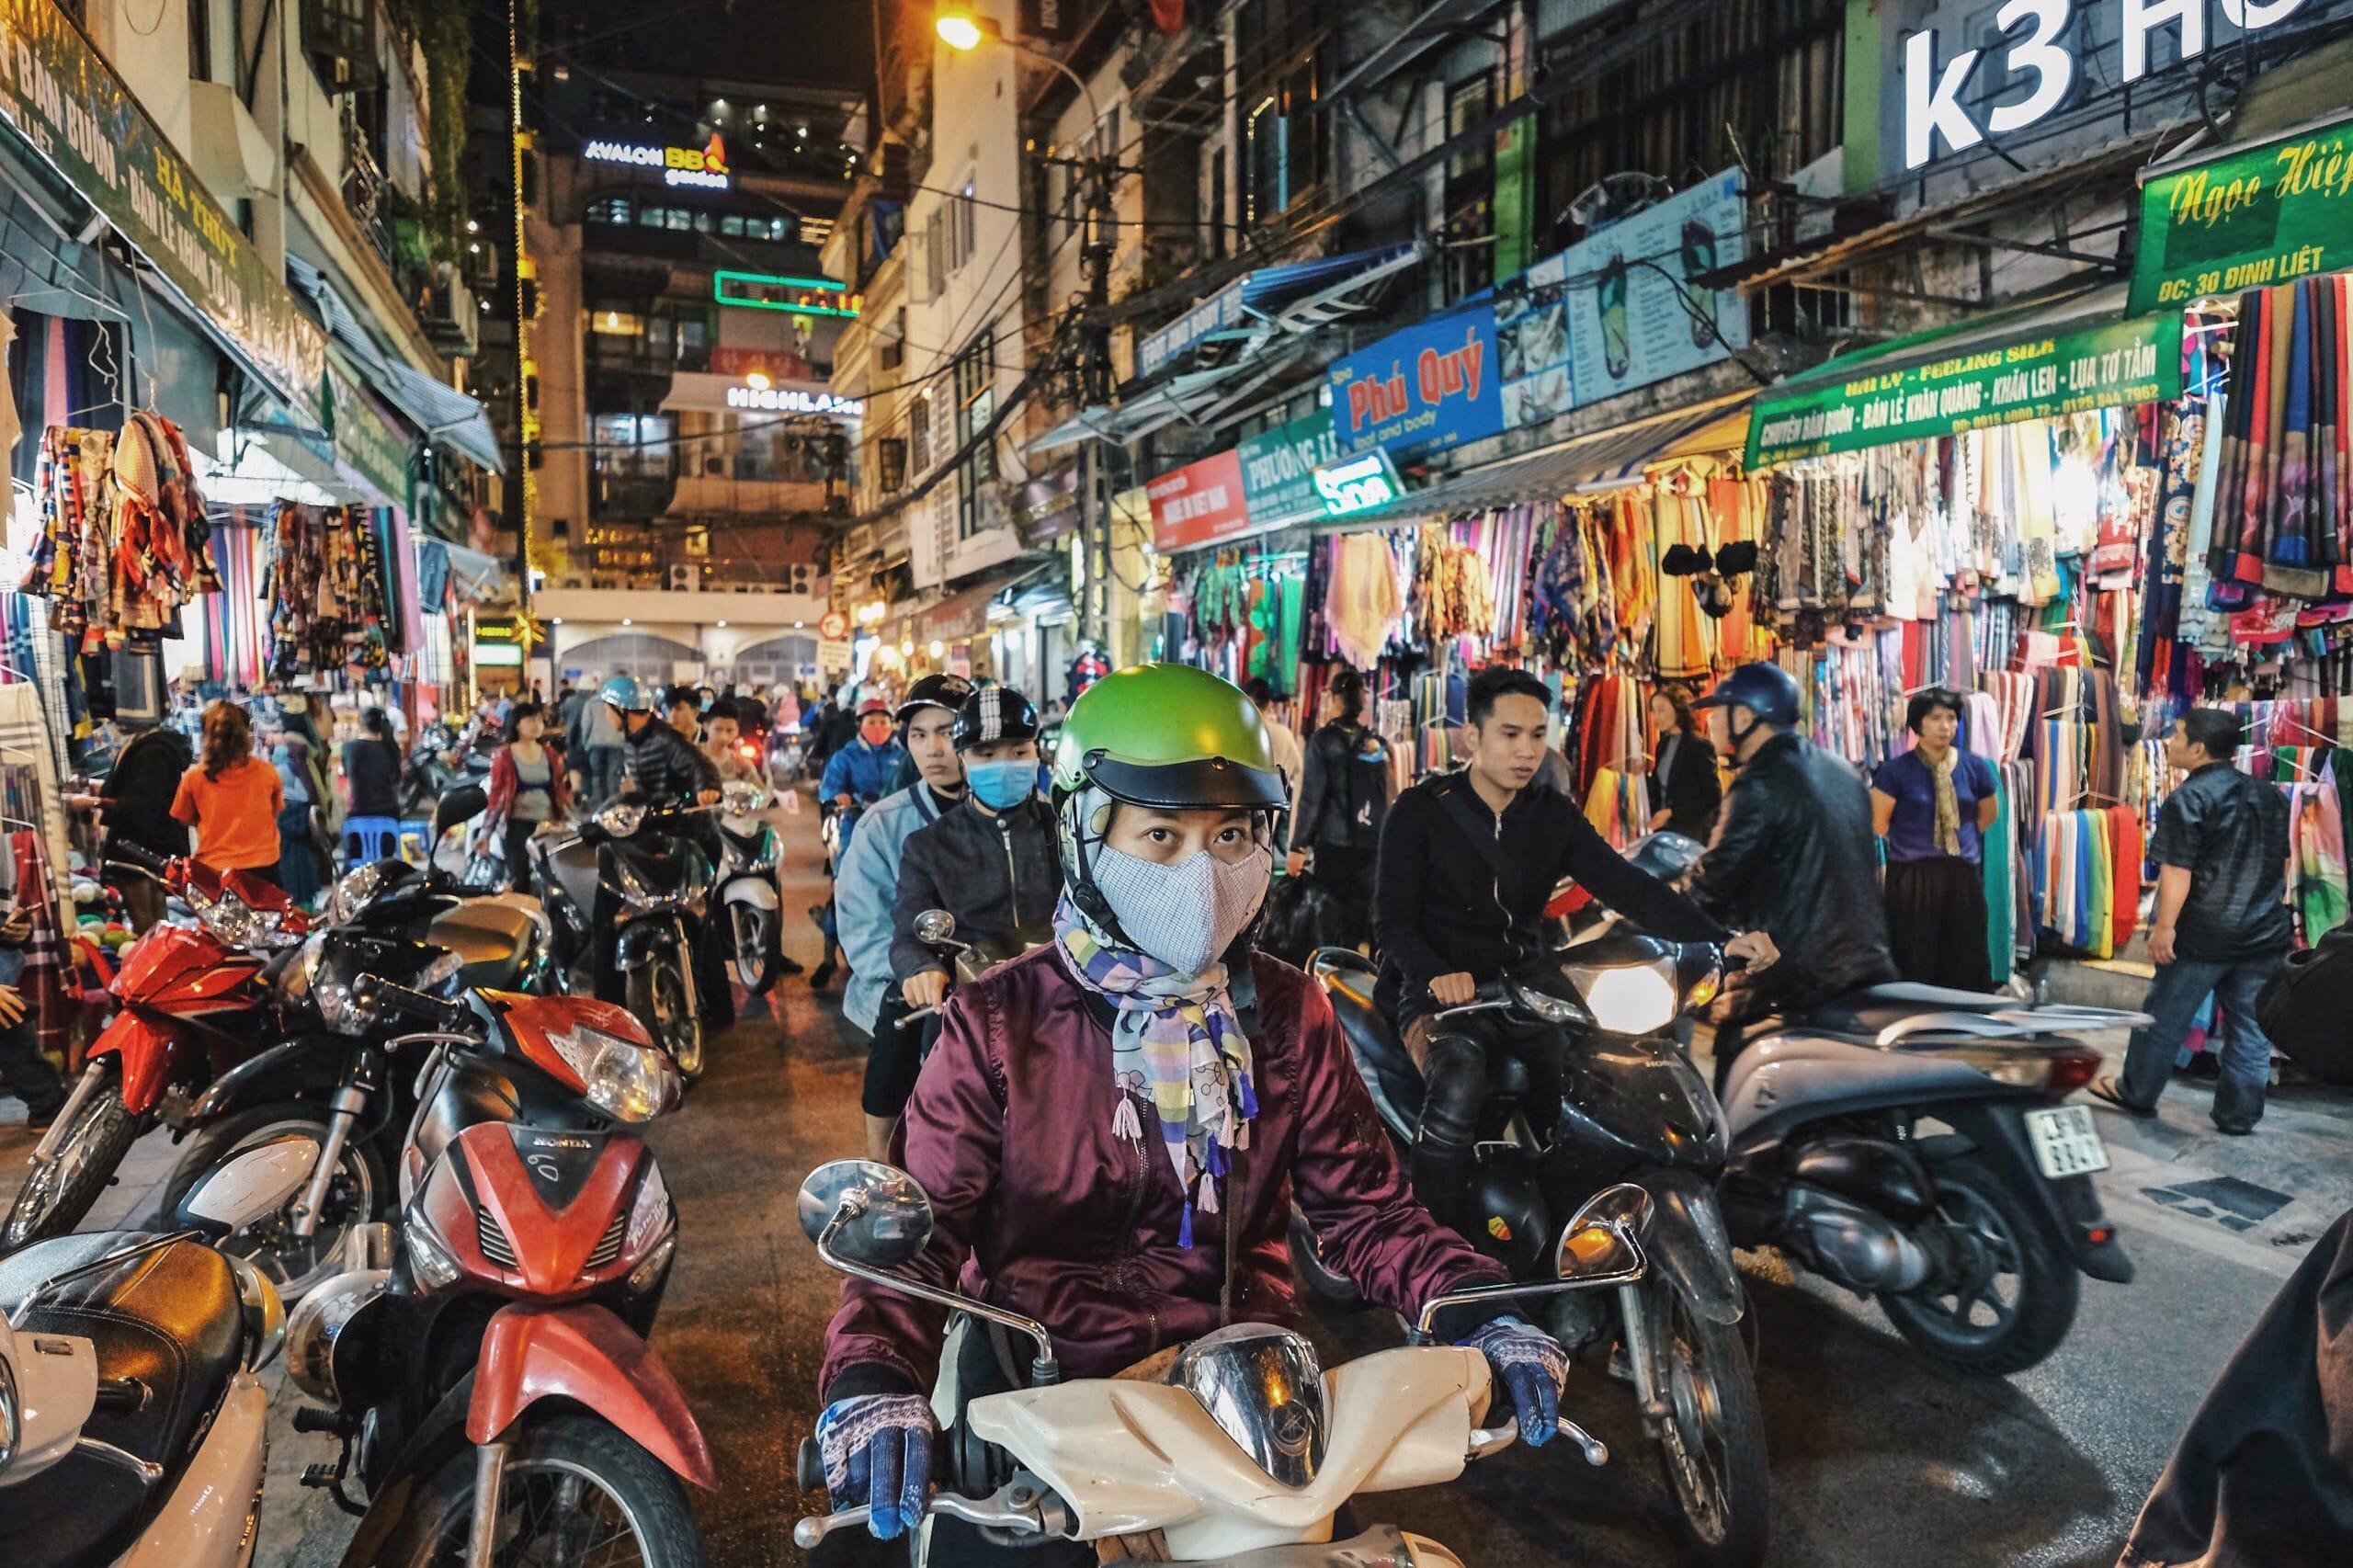 ベトナム旅行を快適に楽しむために。15日間の滞在費用と1週間の予算まとめ|ベトナム